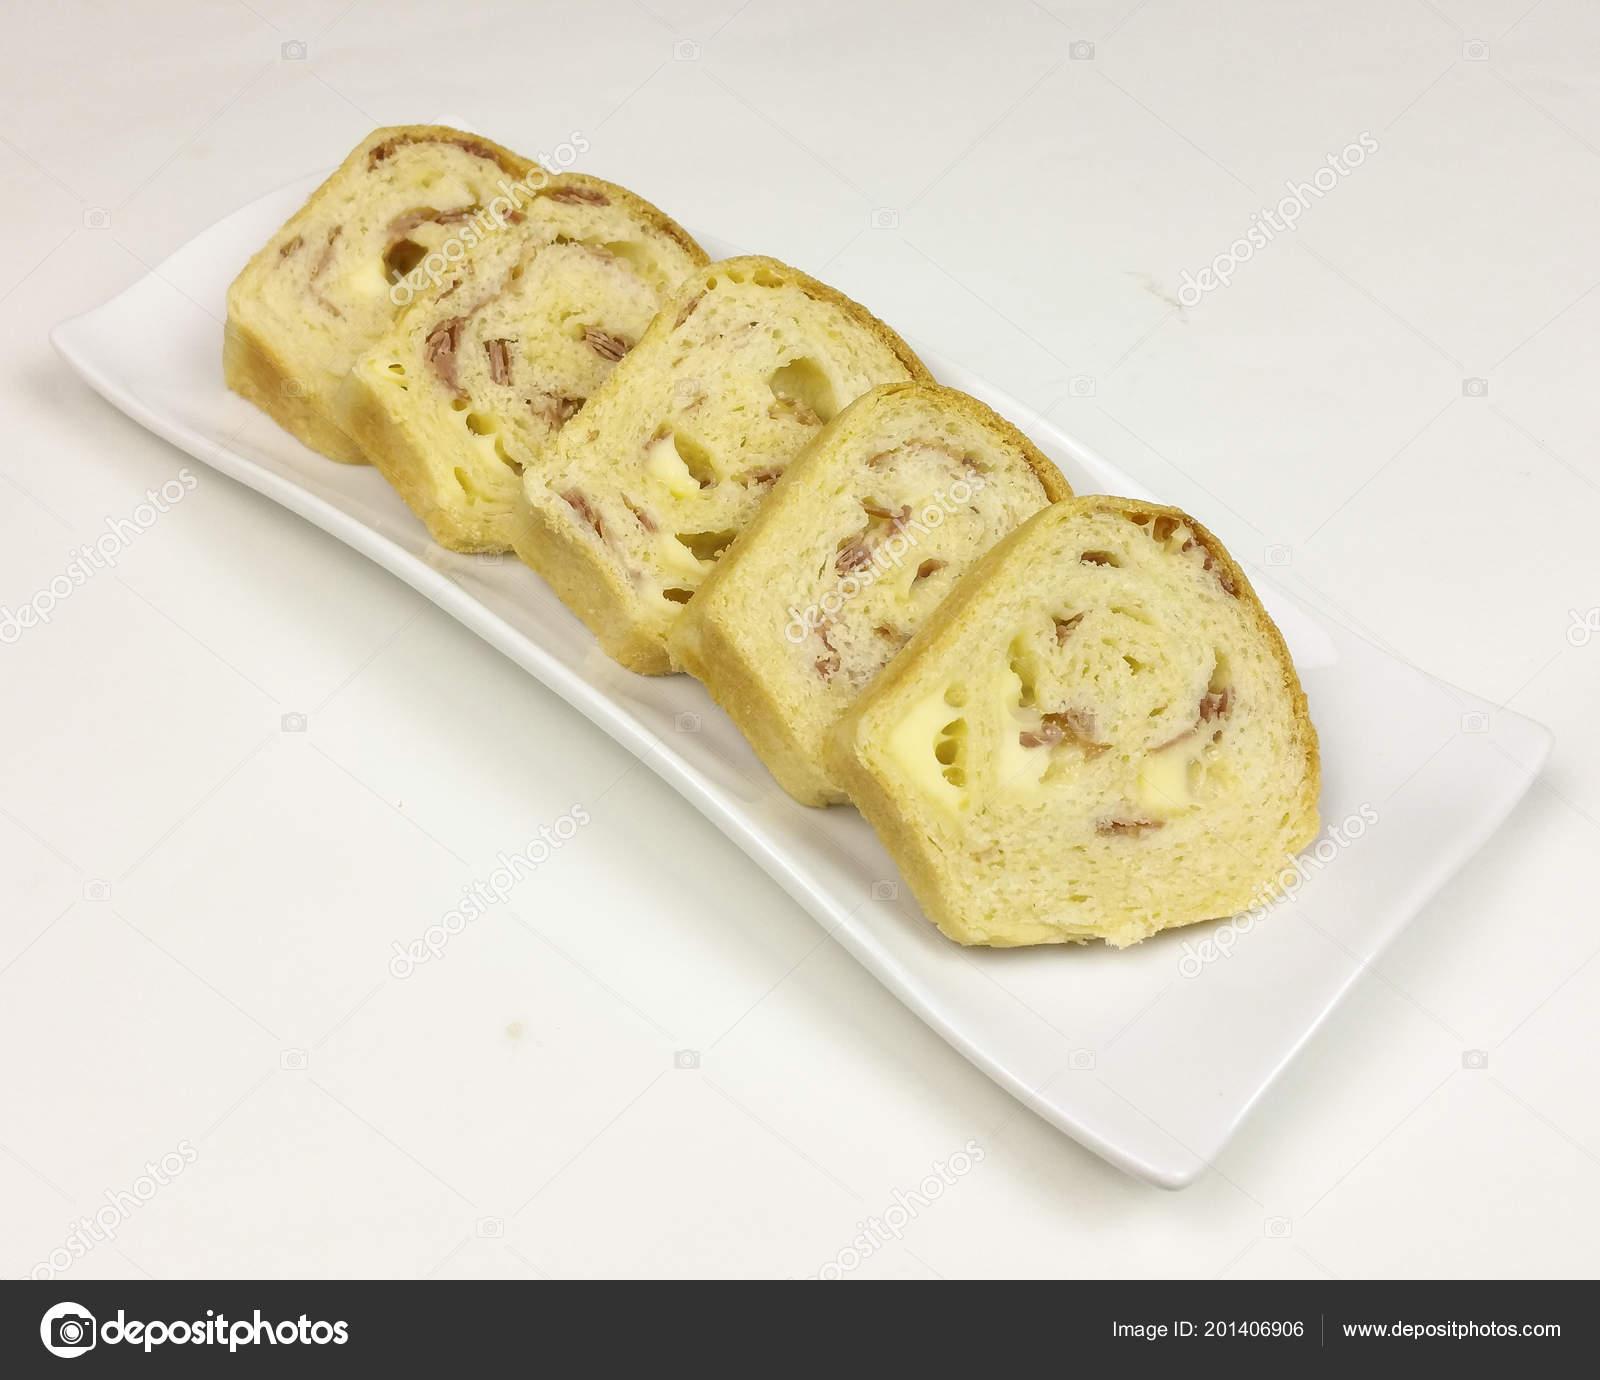 Herzhafte Kuchen Mit Salami Schinken Und Kase Auf Weissem Hintergrund